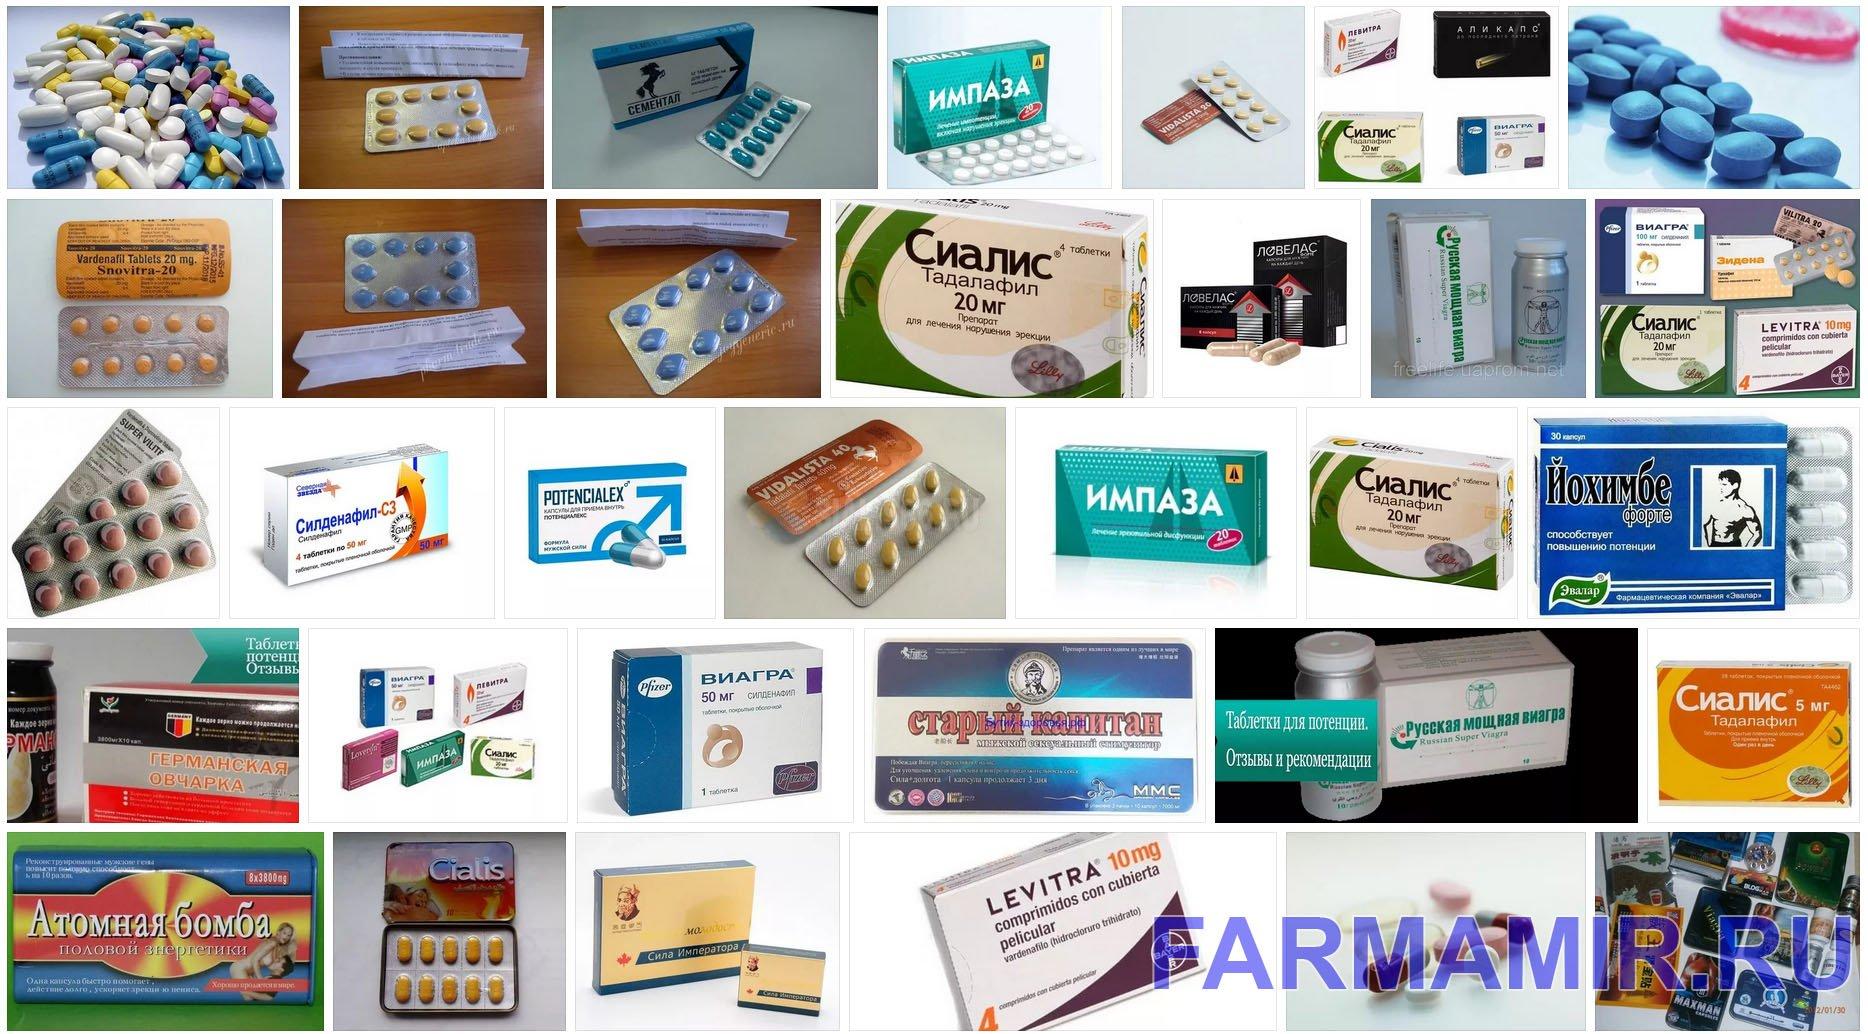 Лекарства от импотенции коллаж